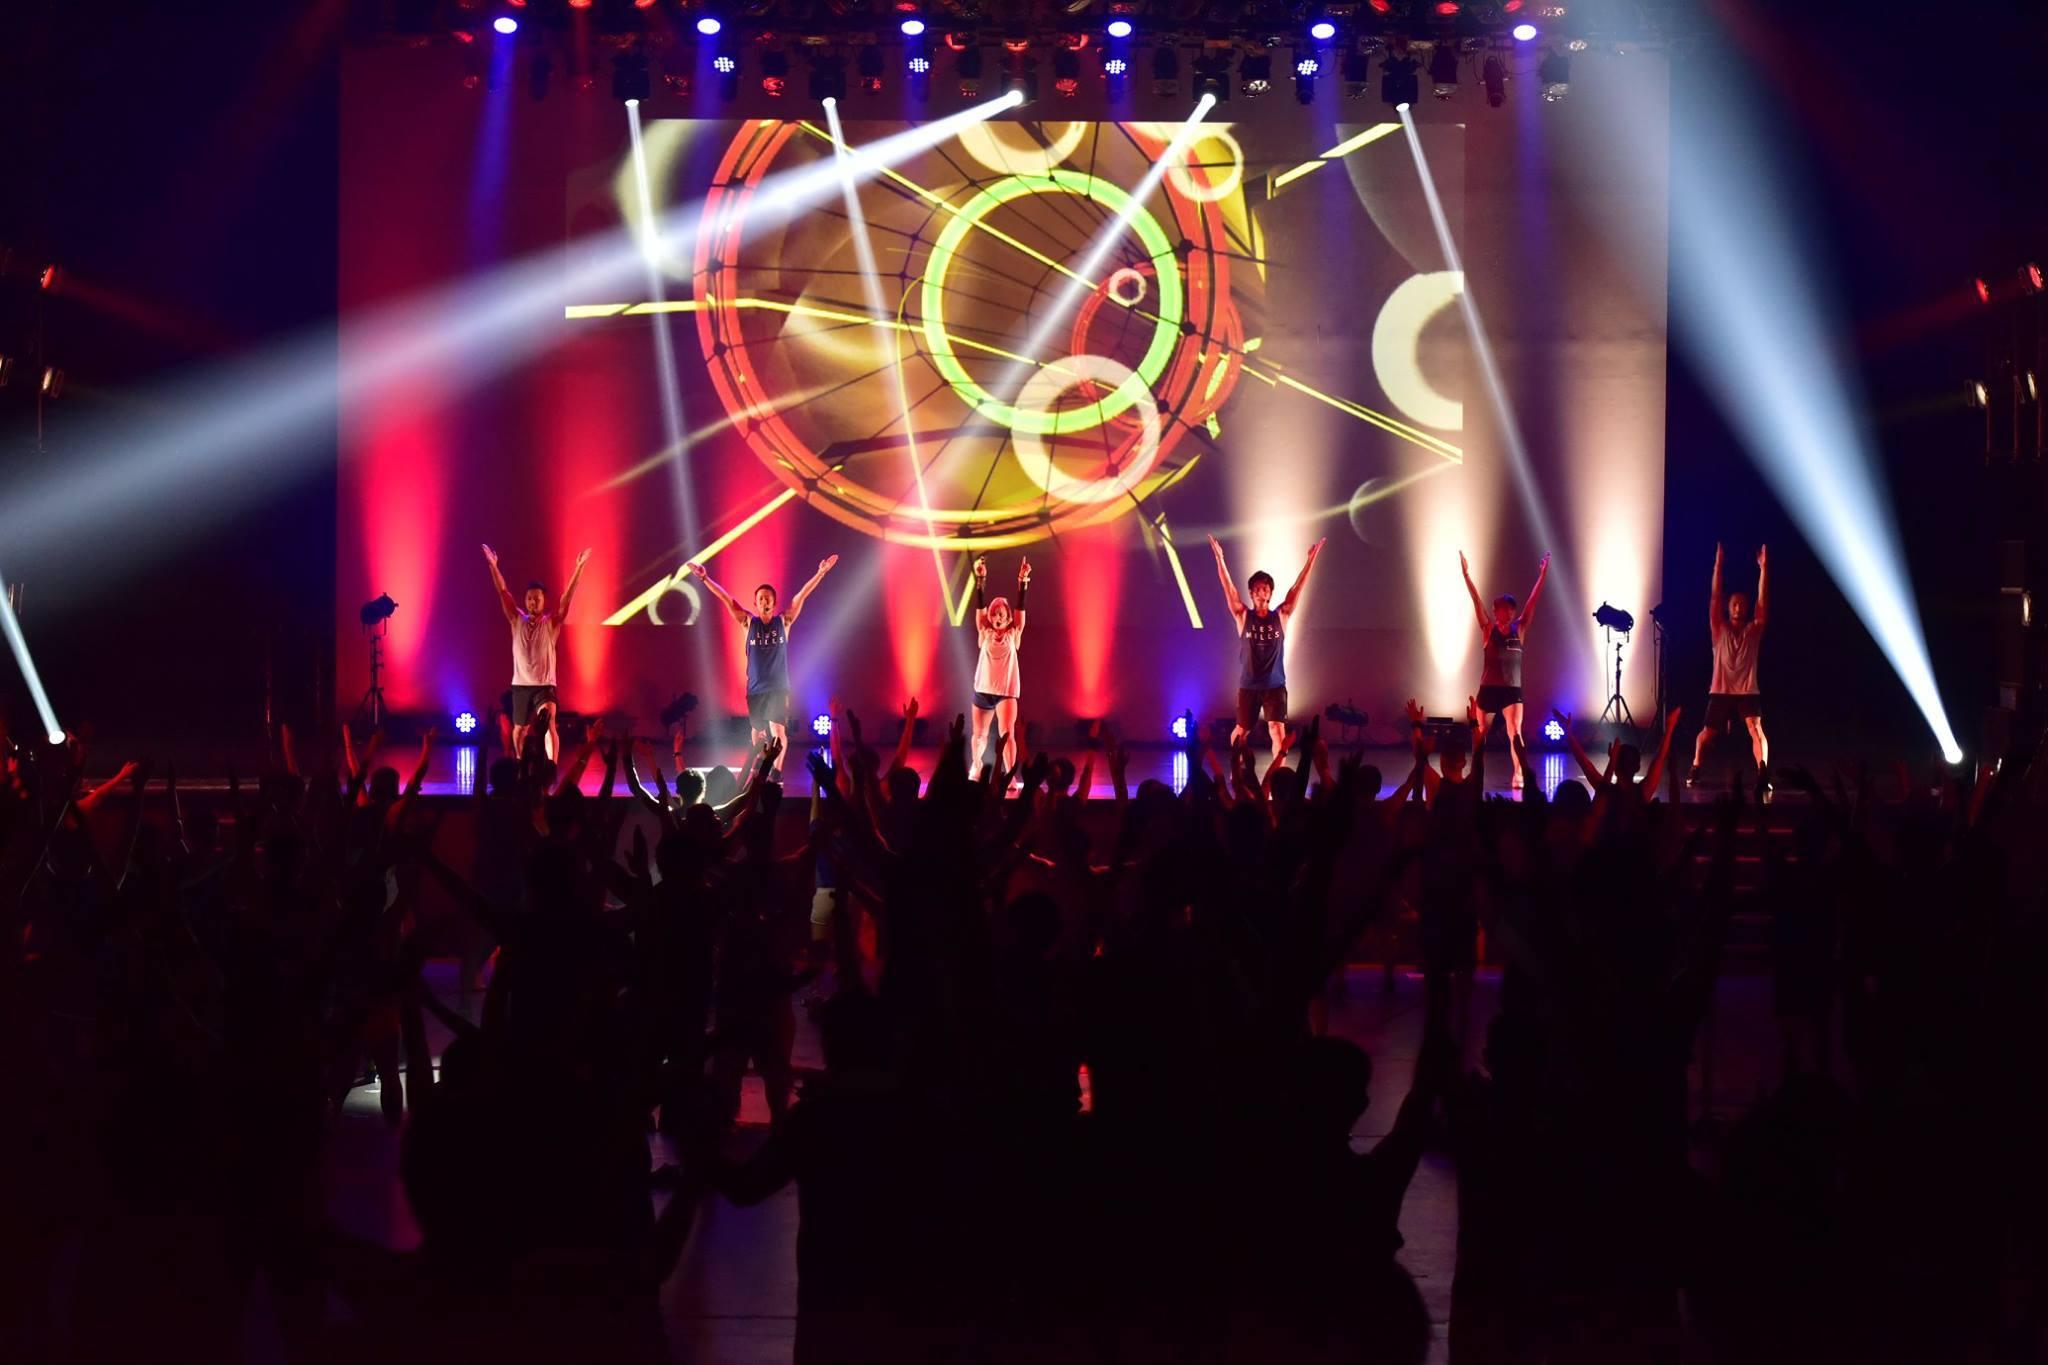 2018年11月に行われた『Les Mills on tour with Reebok in Tokyo』の様子